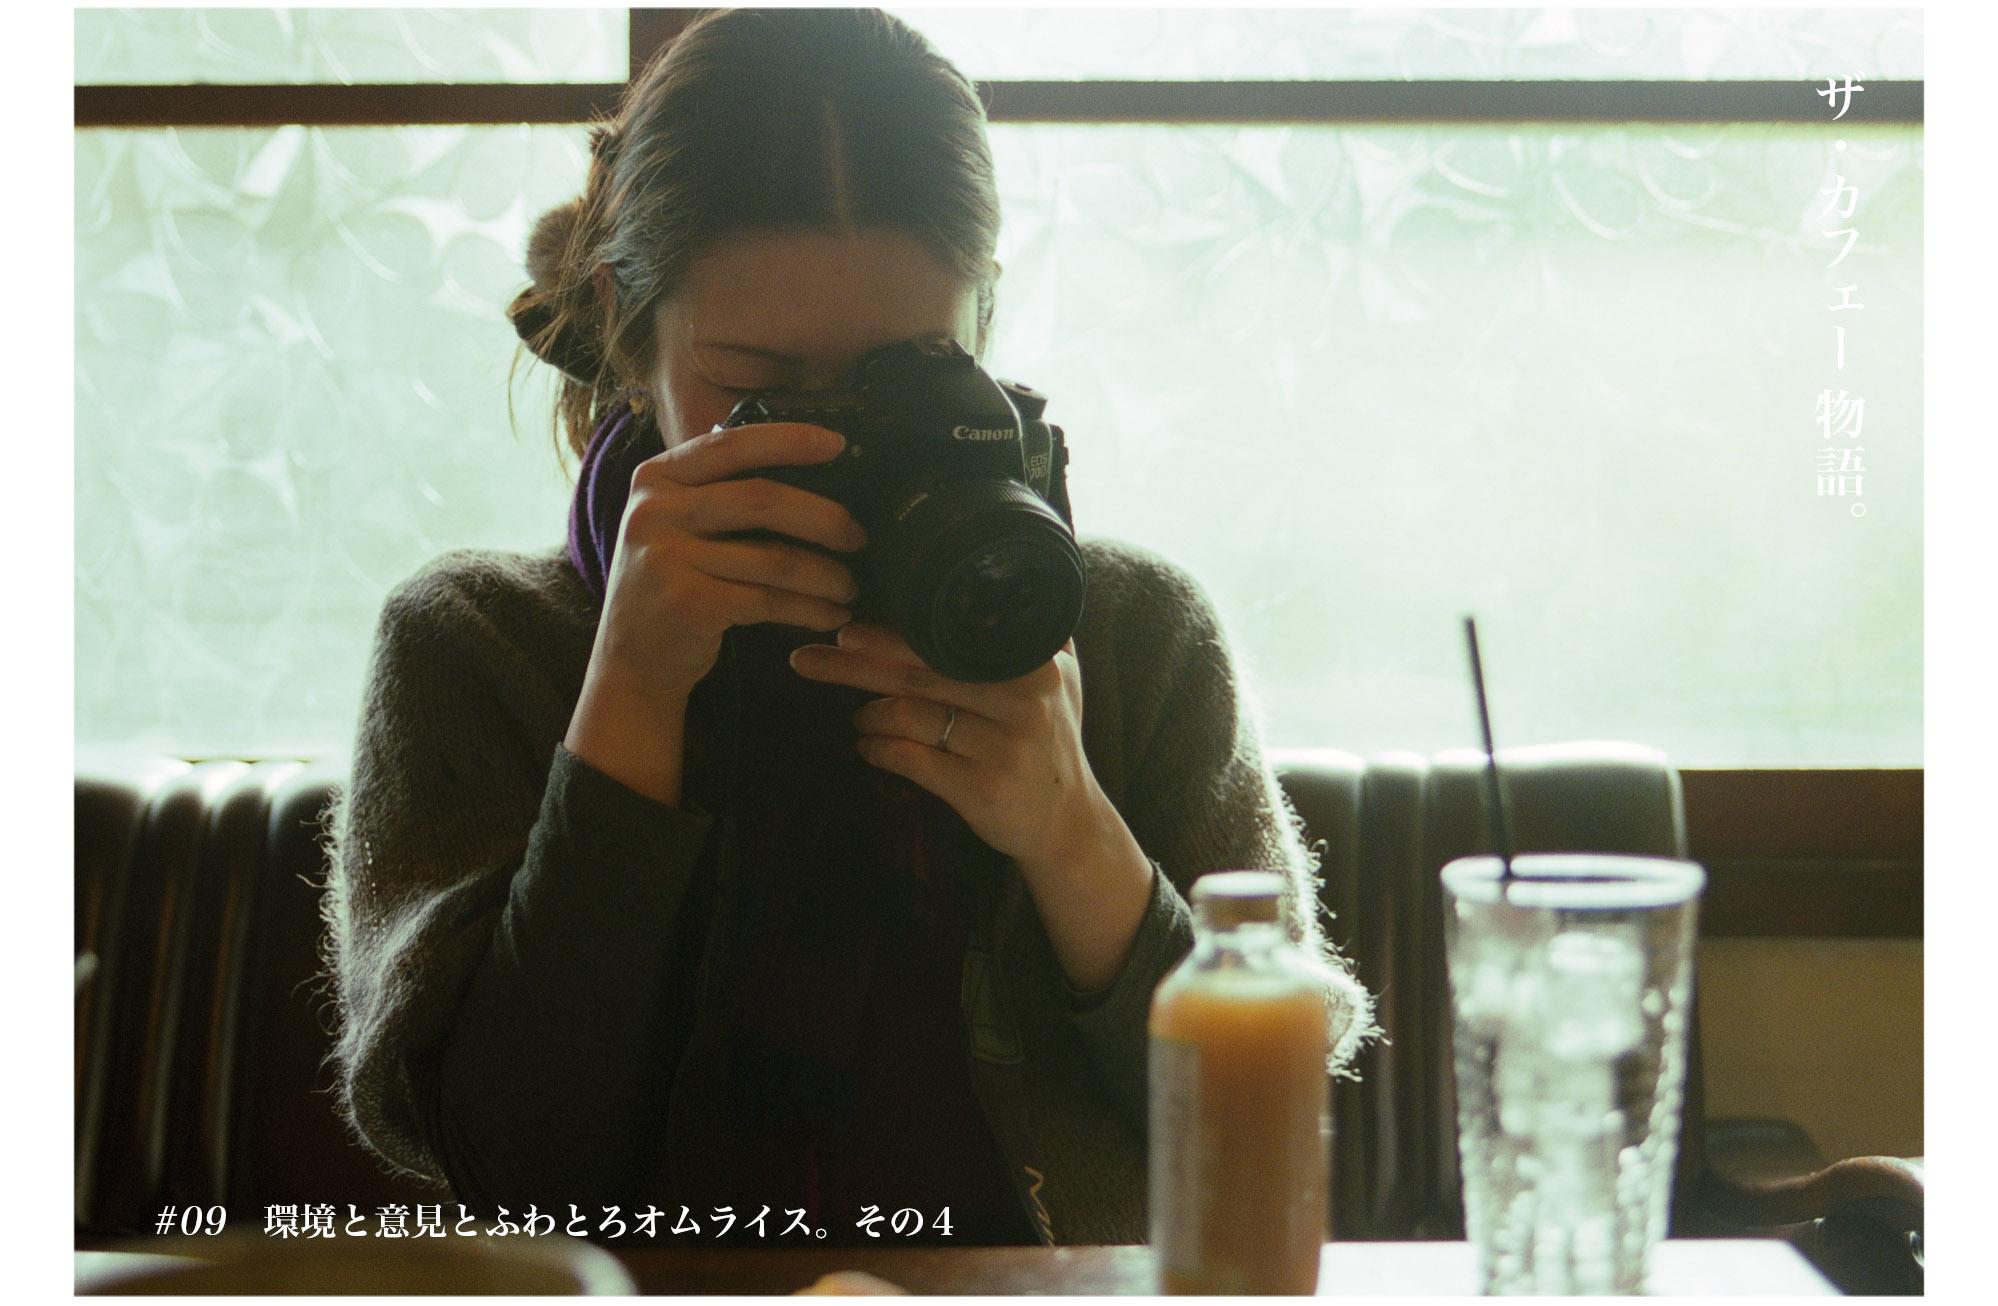 20140919_ザカフェー物語09